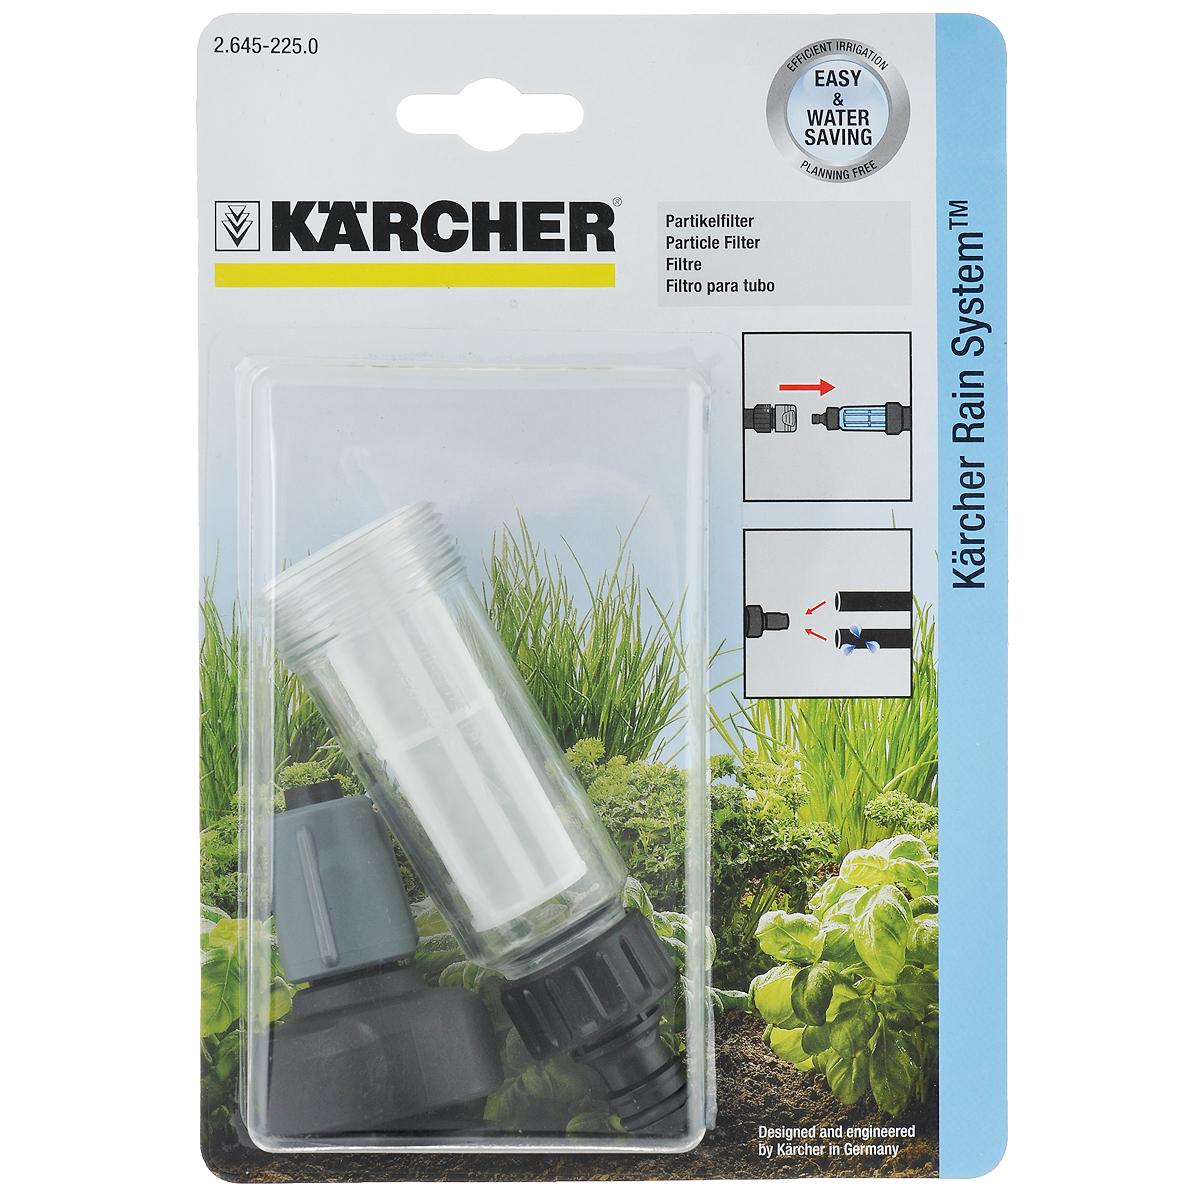 Фильтр системы орошения Karcher 2.645-225.0106-026Водный фильтр предназначен для защиты системы орошения Karcher Rain System от частиц грязи. Имеется возможность присоединения к шлангам системы орошения Karcher.